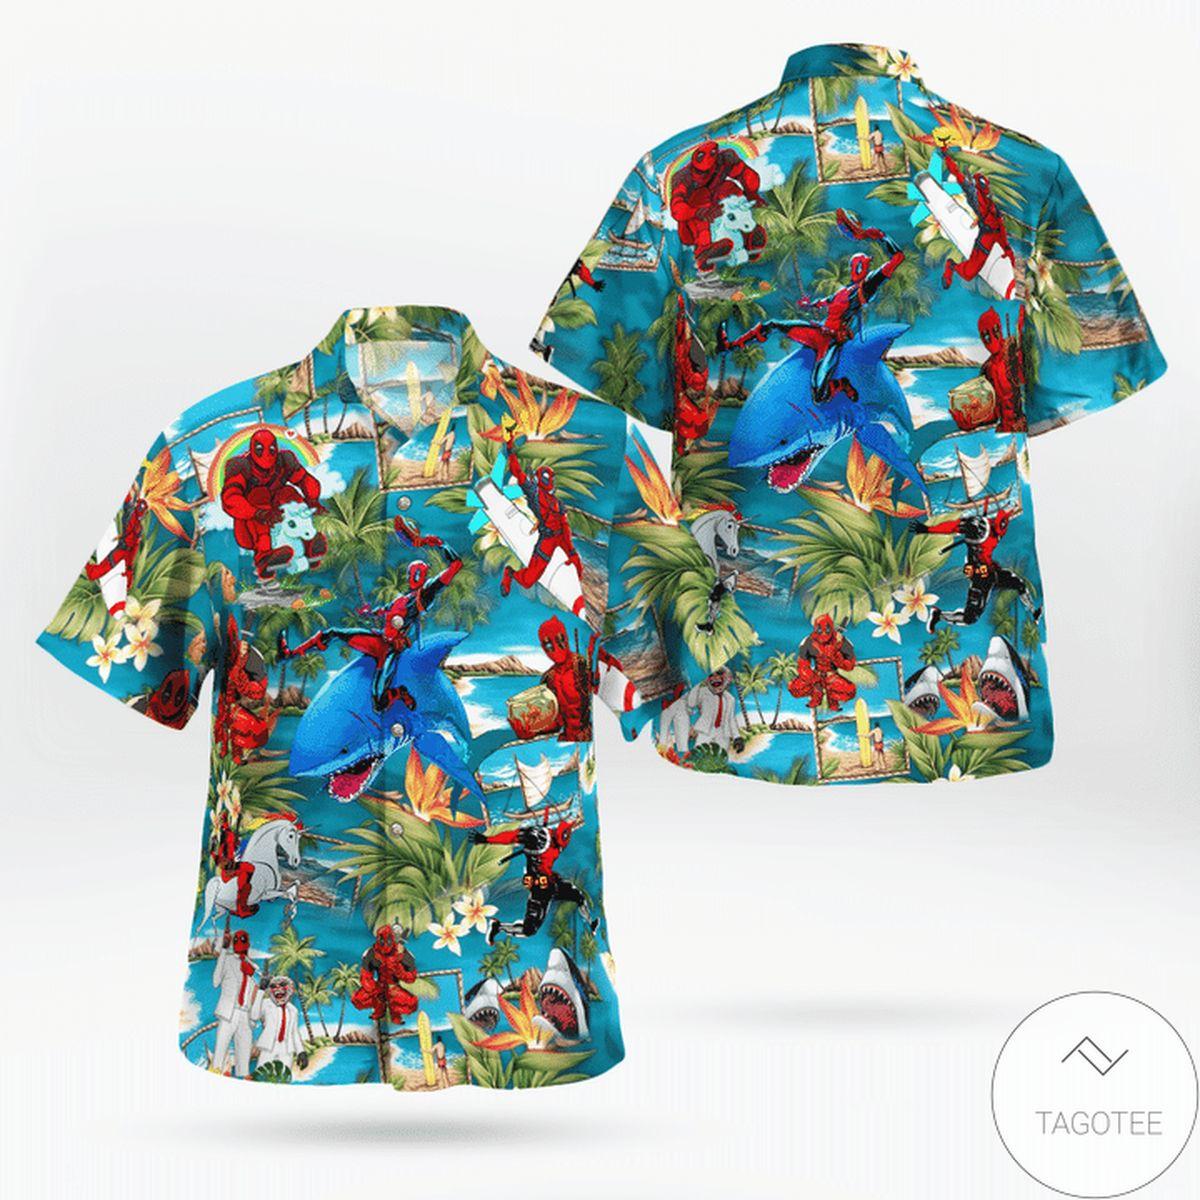 Funny Tee Funny Shark Deadpool Vacation Hawaiian Shirt